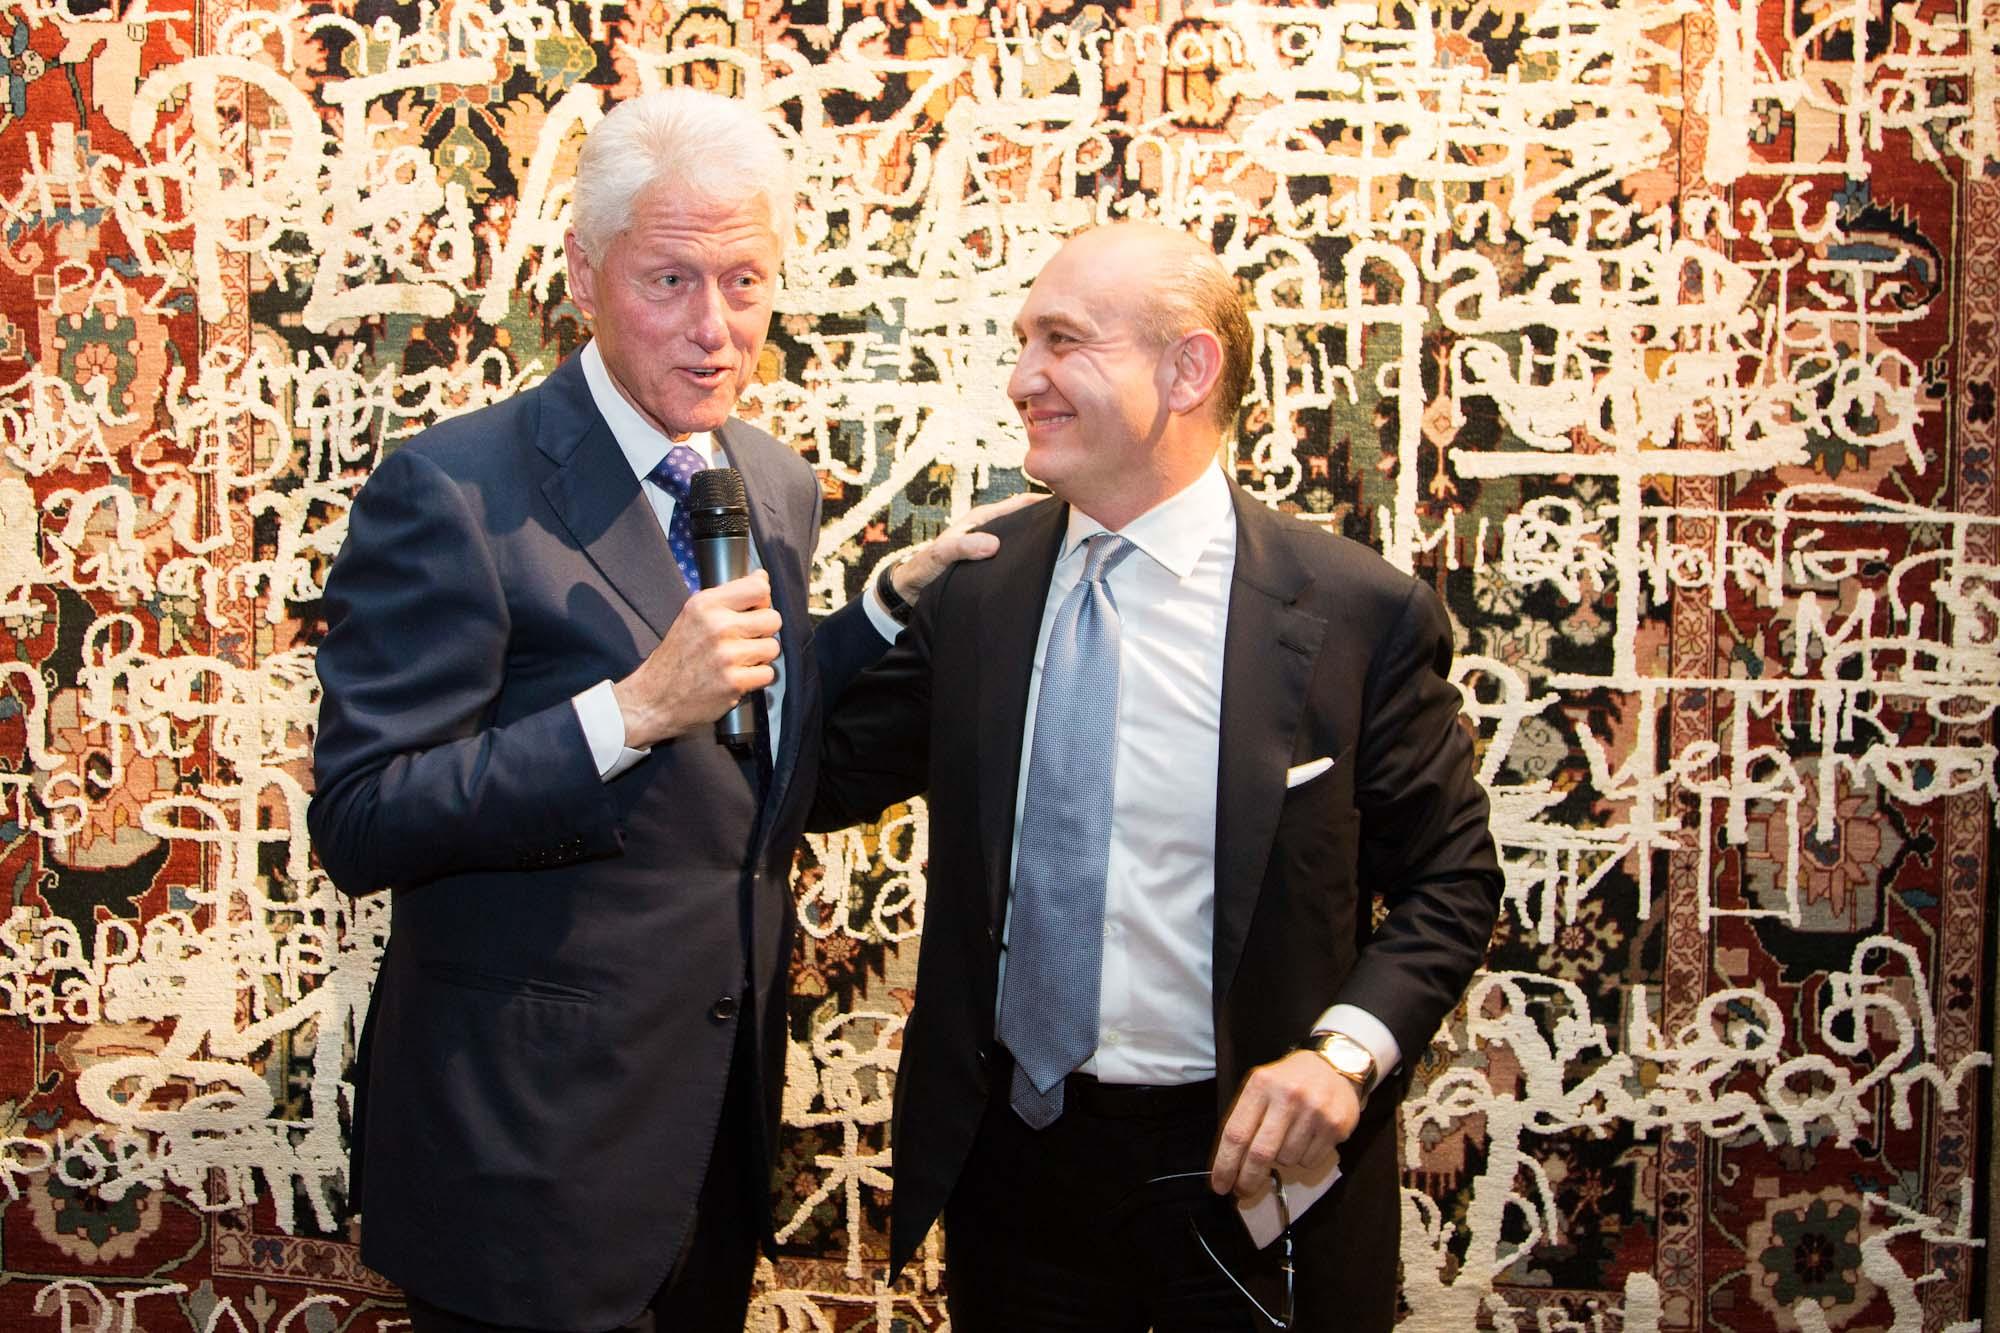 Übergabe des Friedensteppichs an Bill Clinton